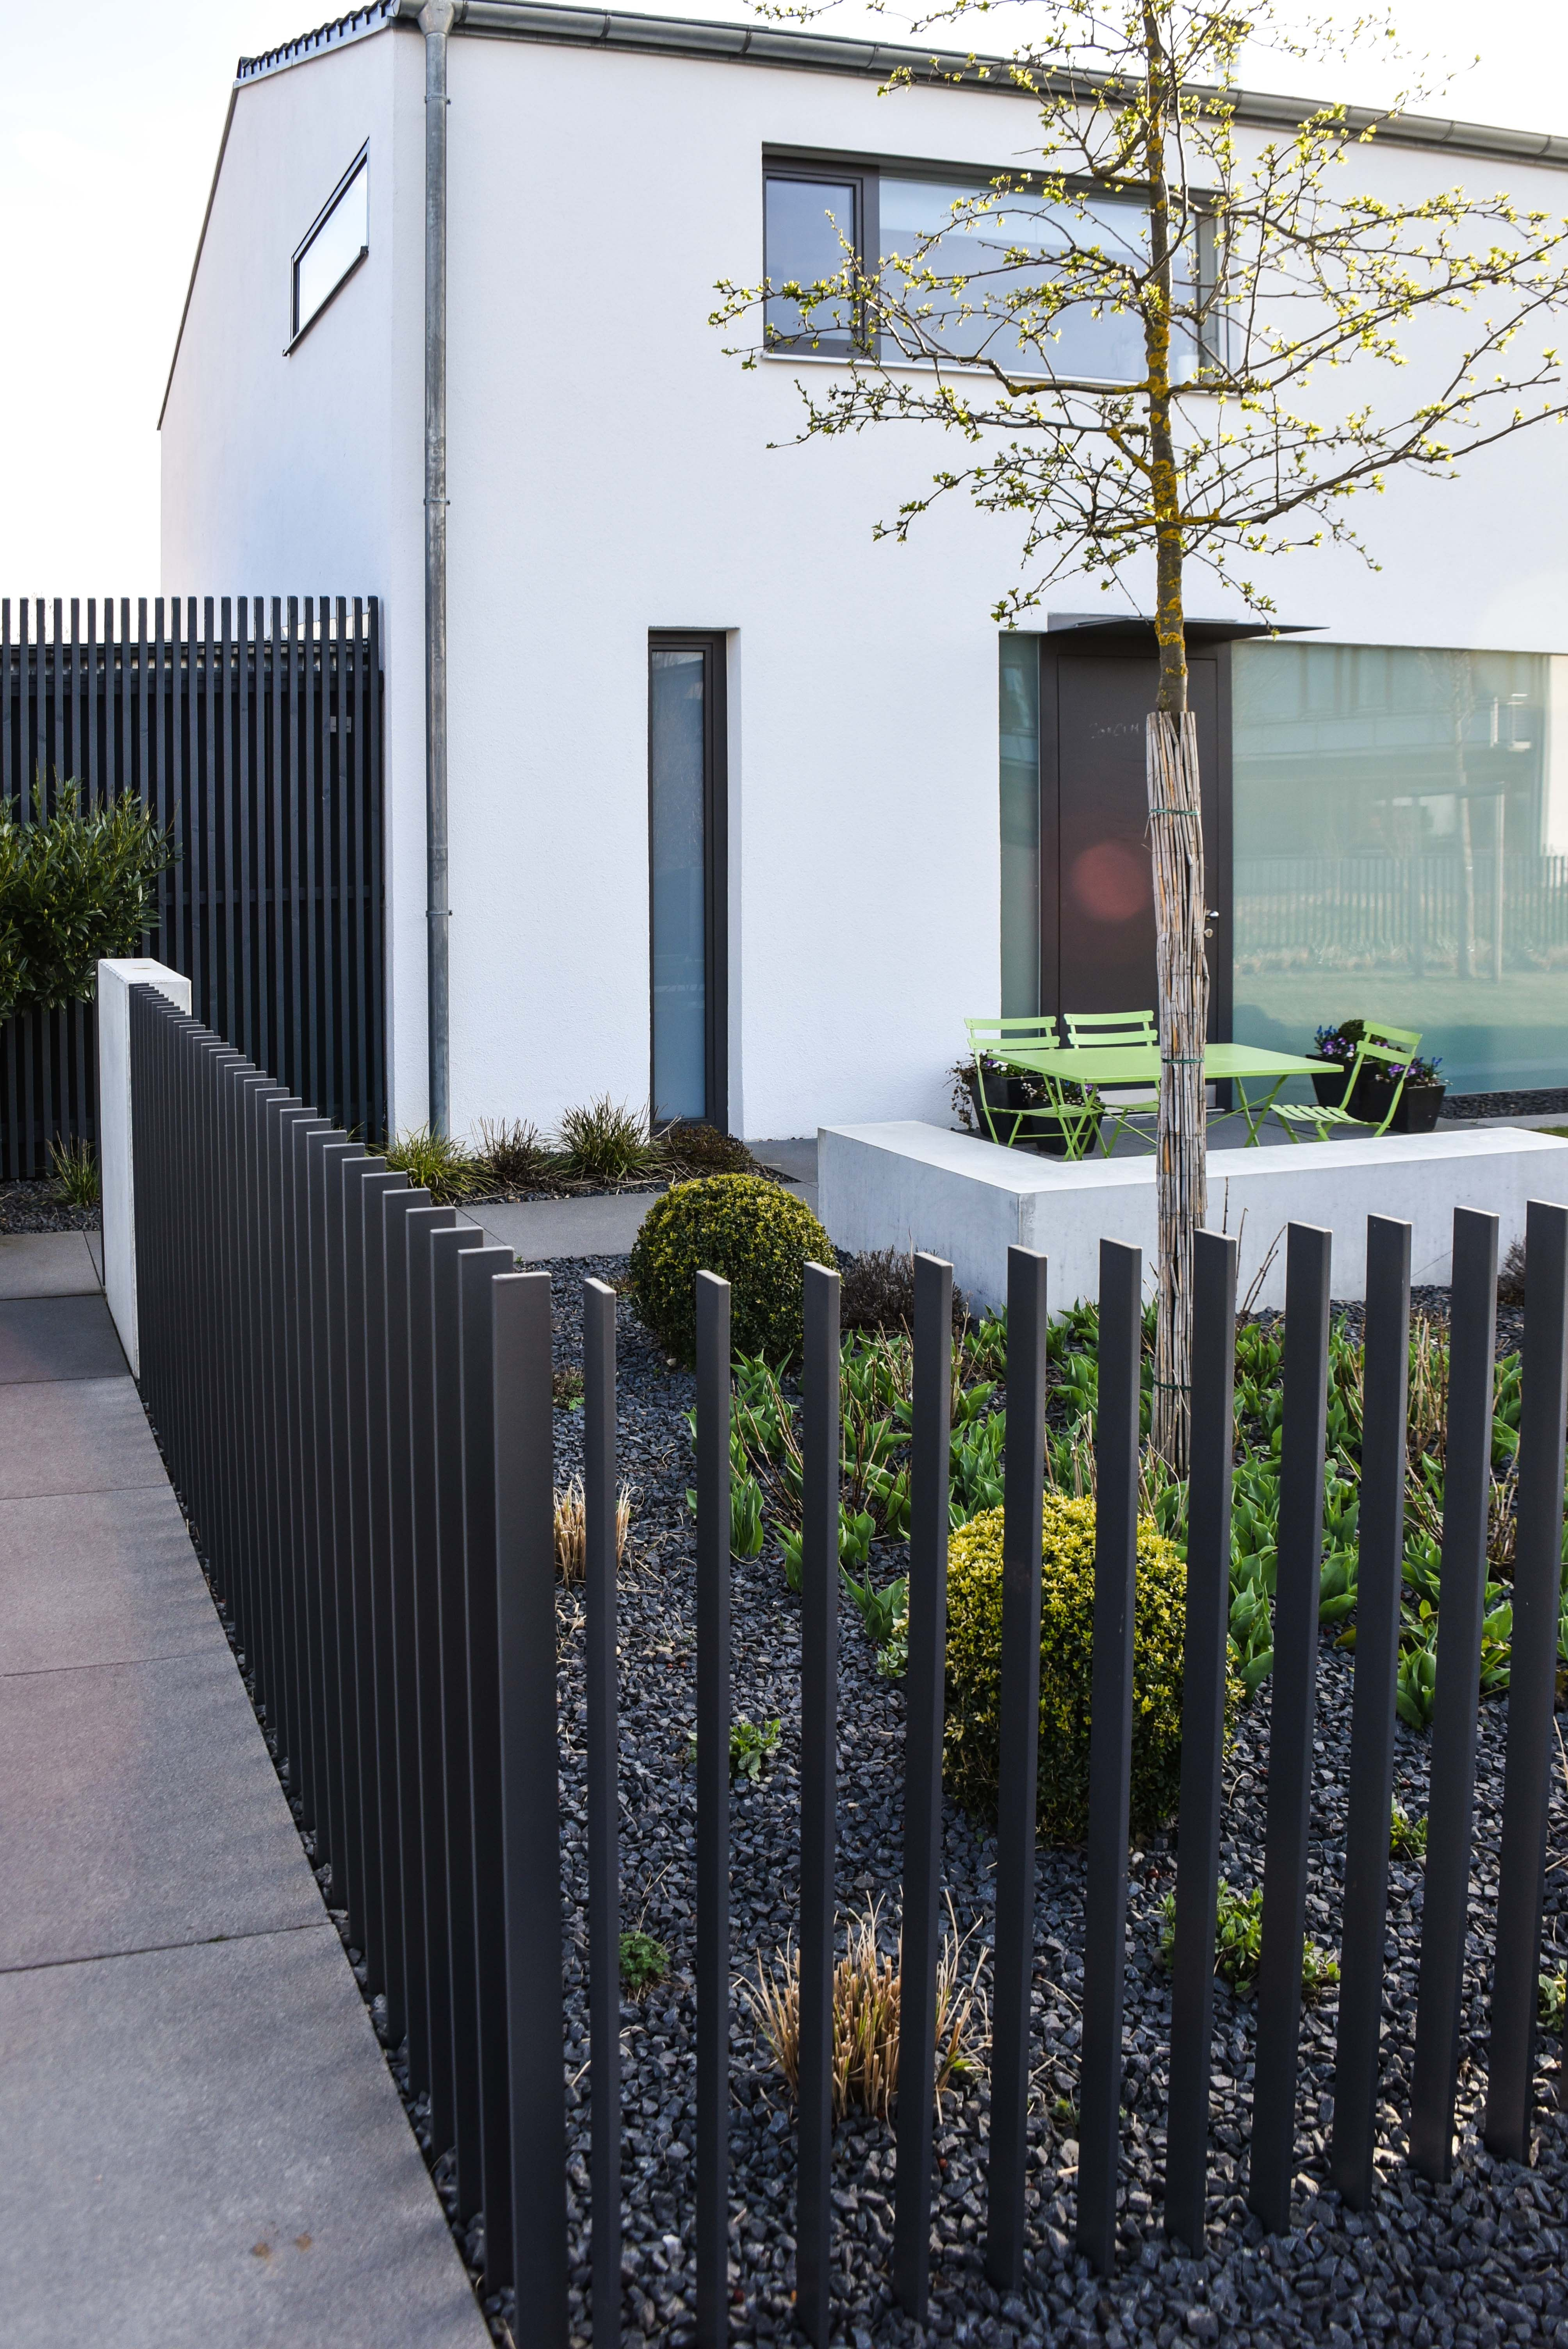 Zaun Holz Modern Sichtschutz Zaun Holz Anthrazit Metall Larche